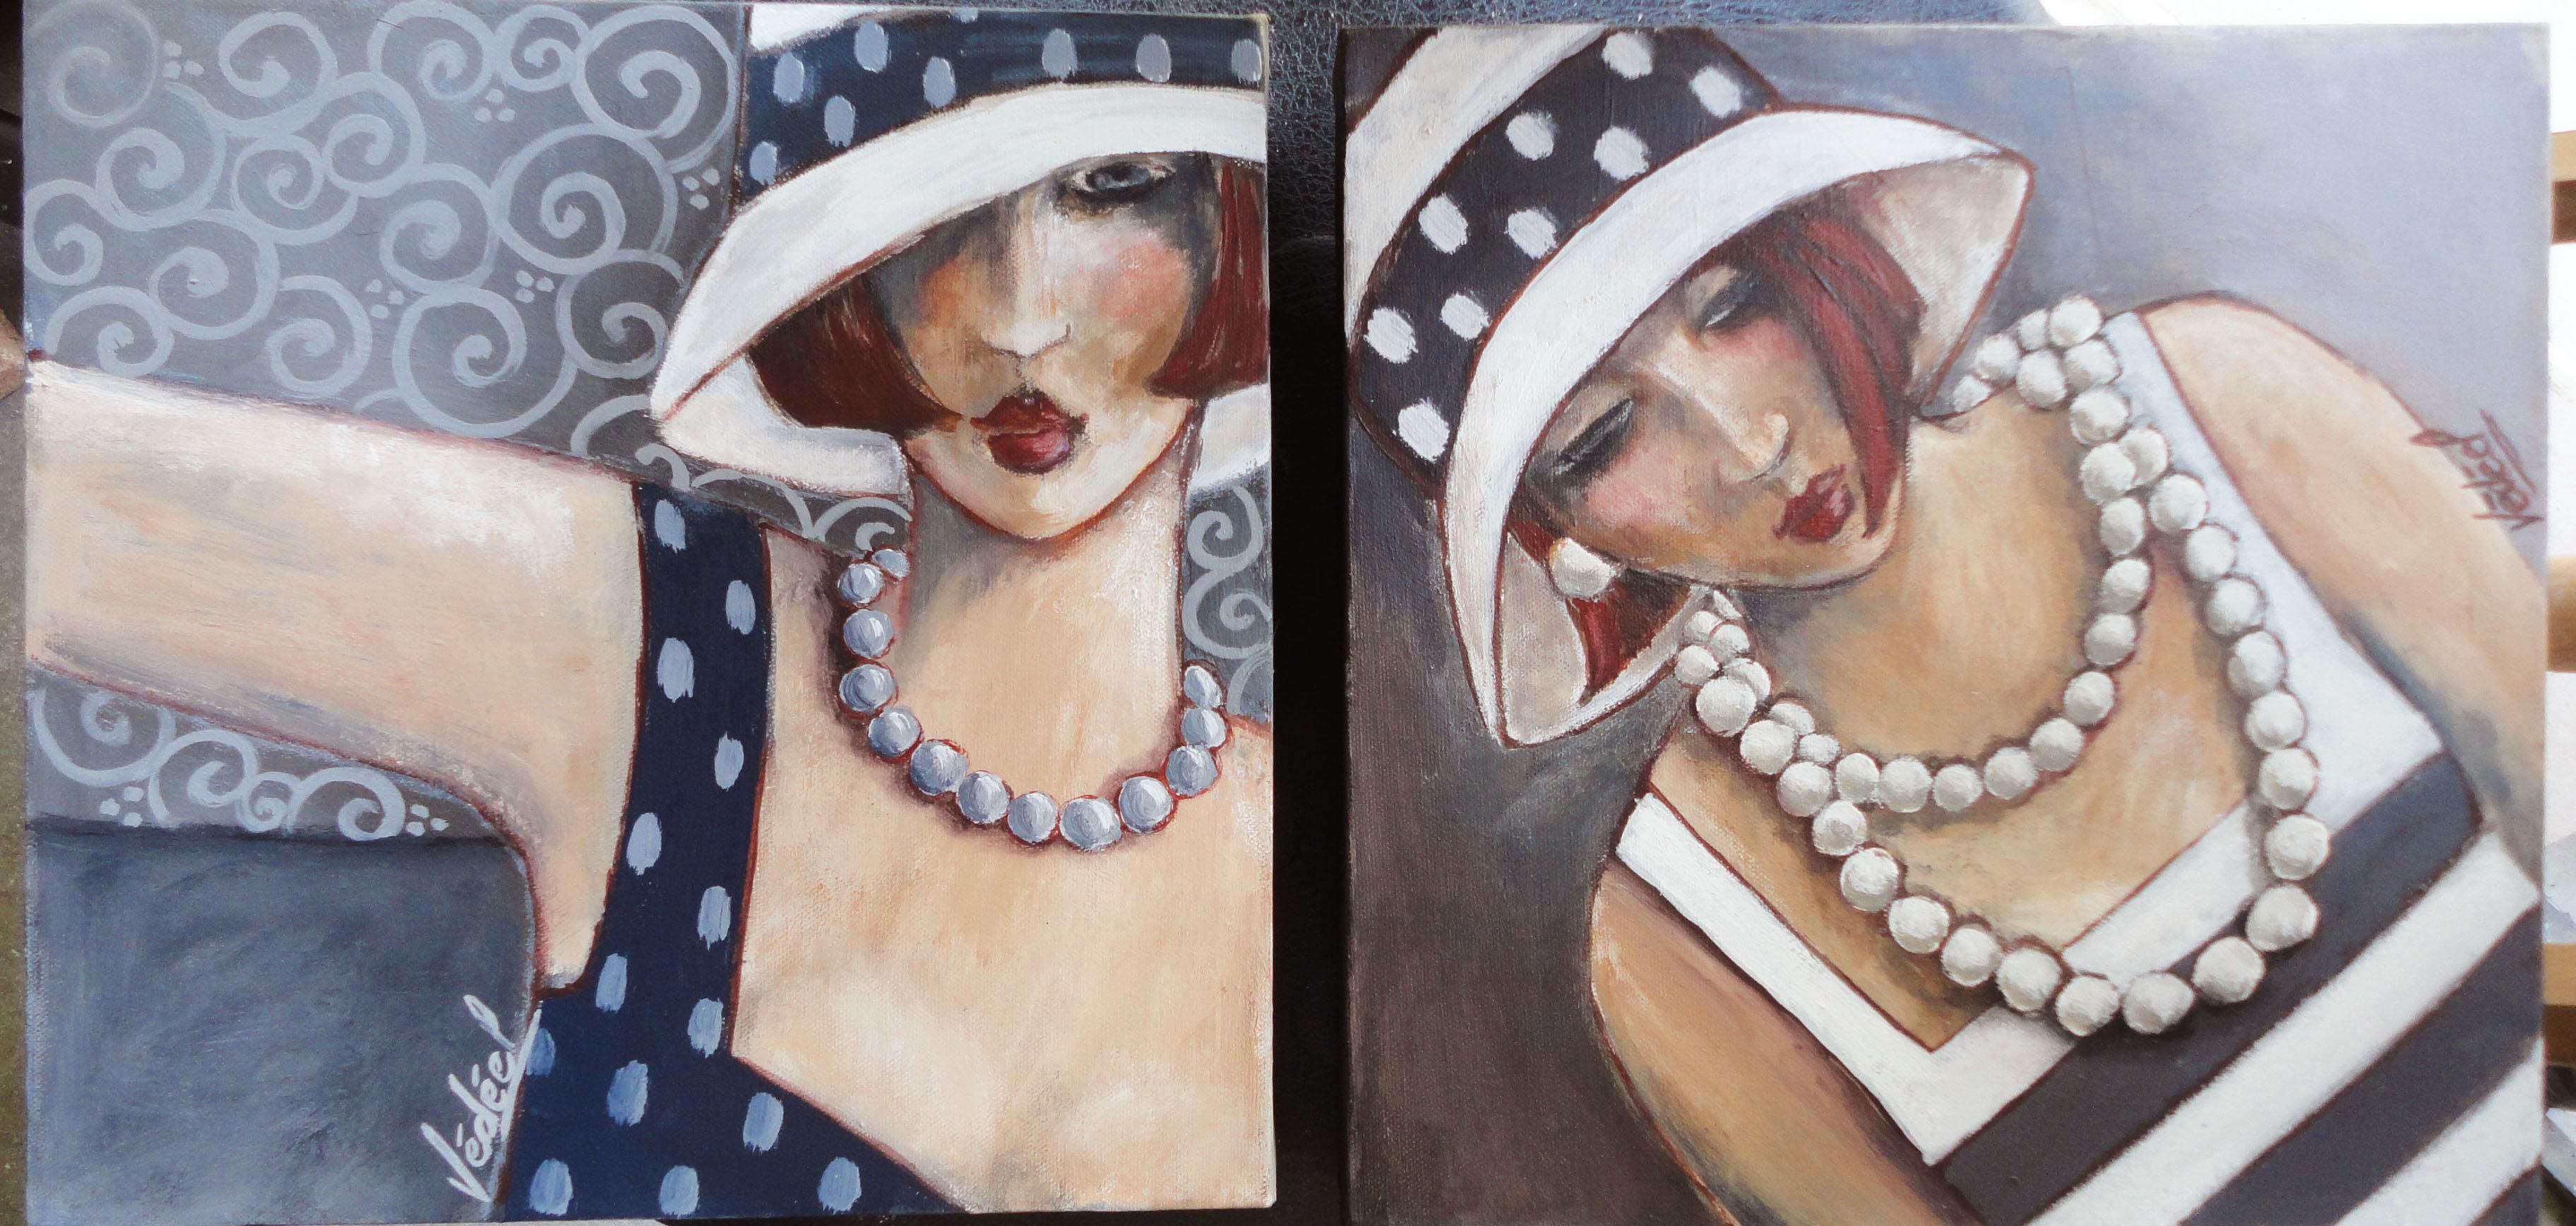 Chapeaux et colliers